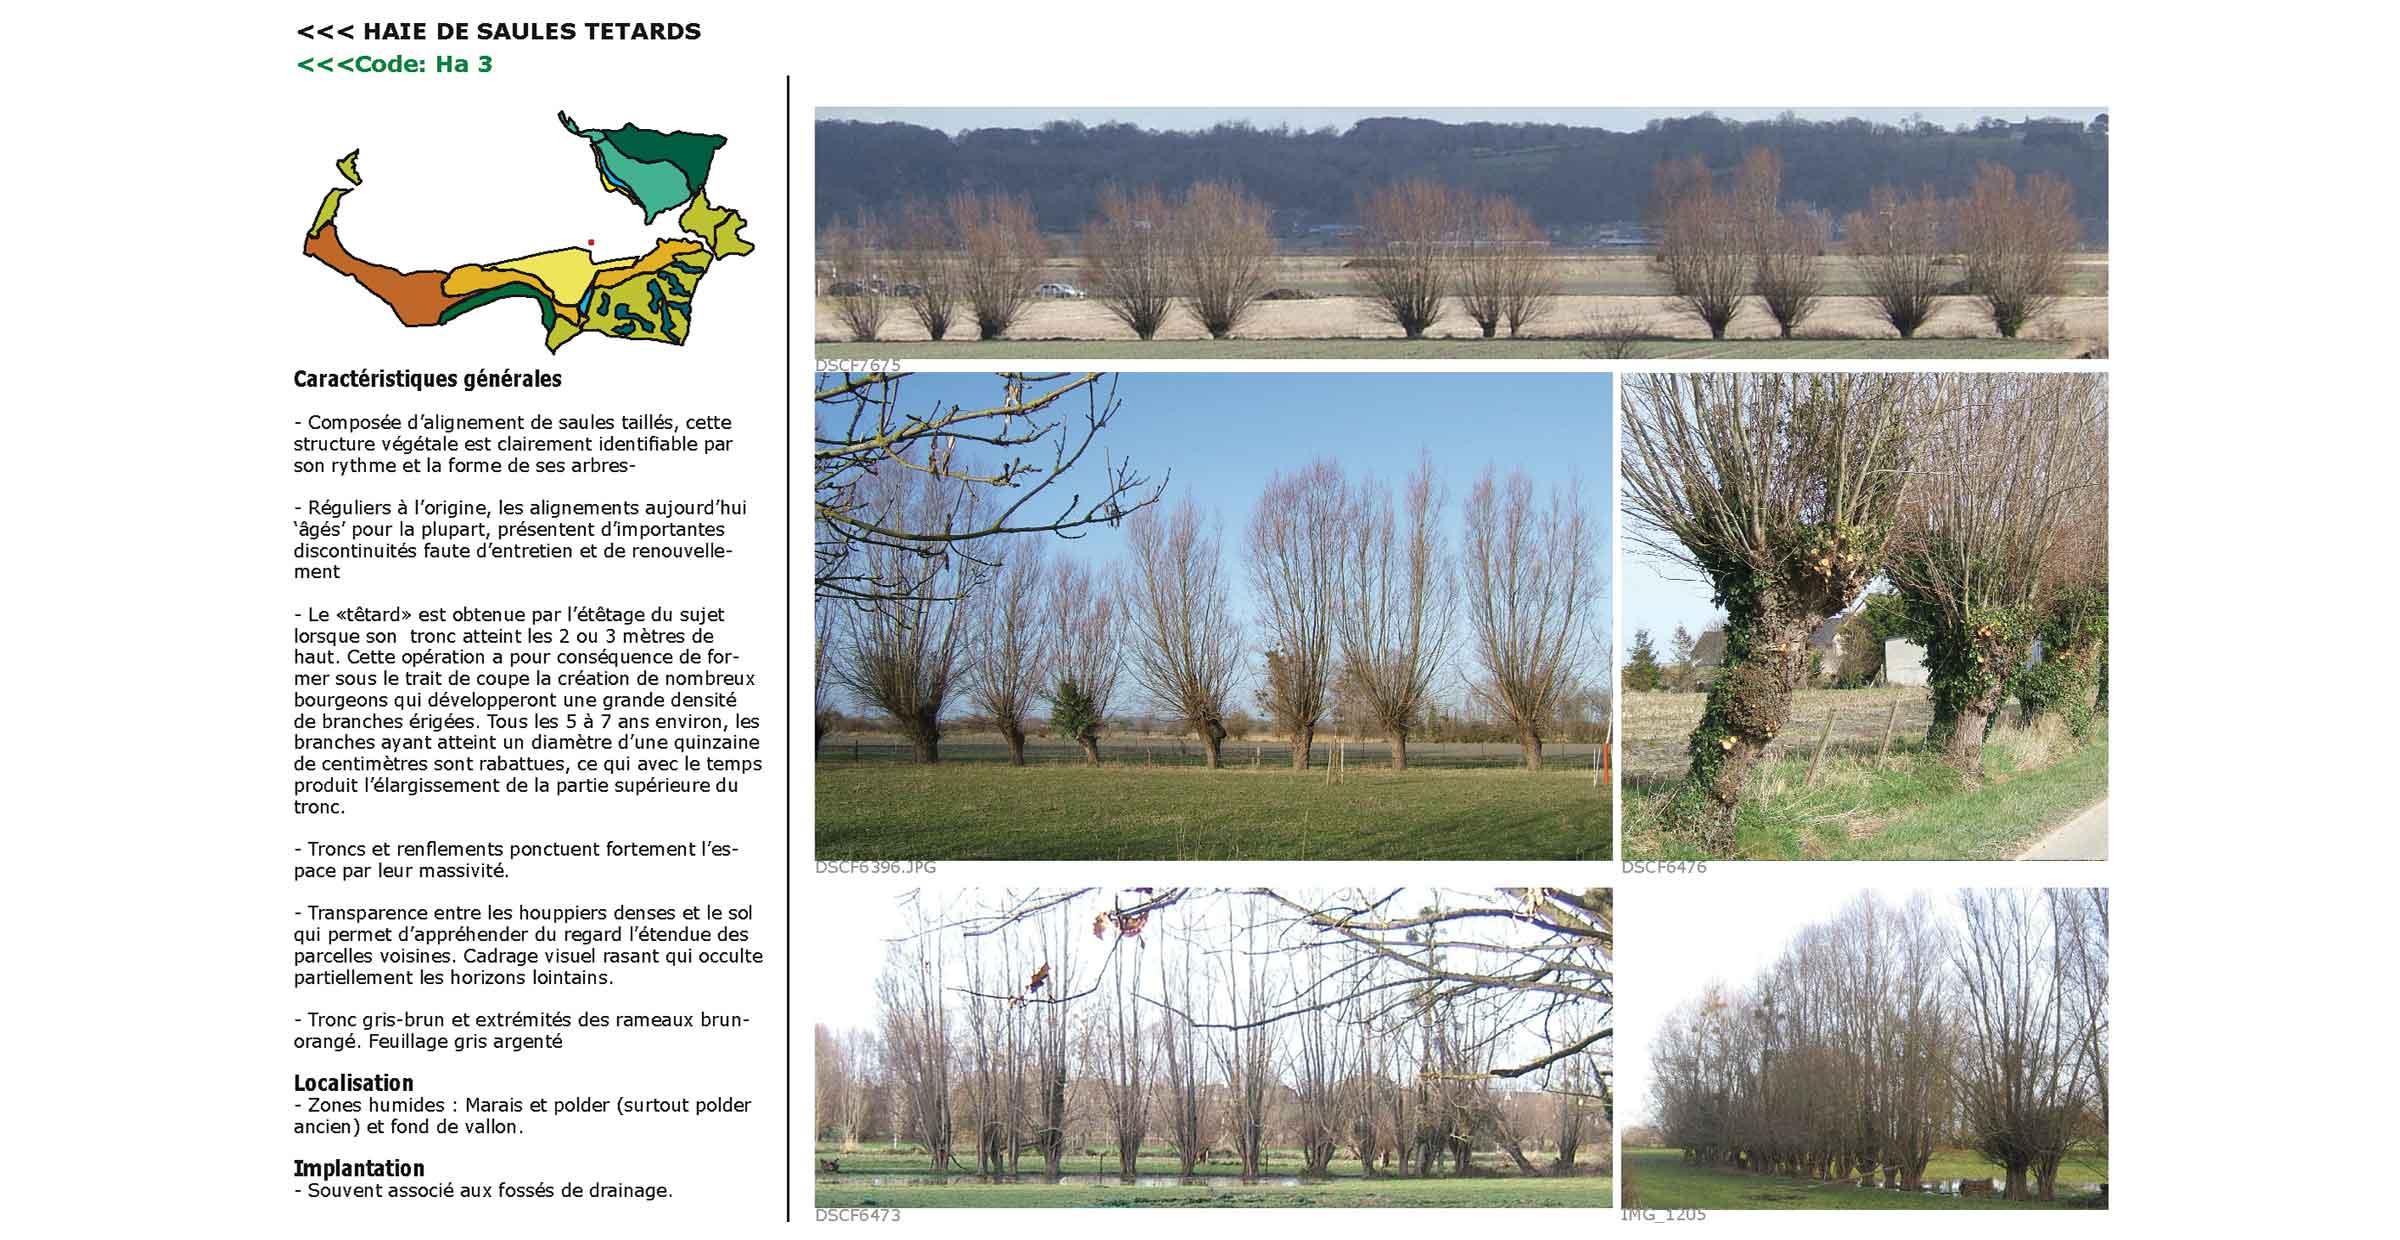 Répertoire de la Baie ; Mont-Saint-Michel ; FORR - PAYSAGE | URBANISME ; FORR paysagiste